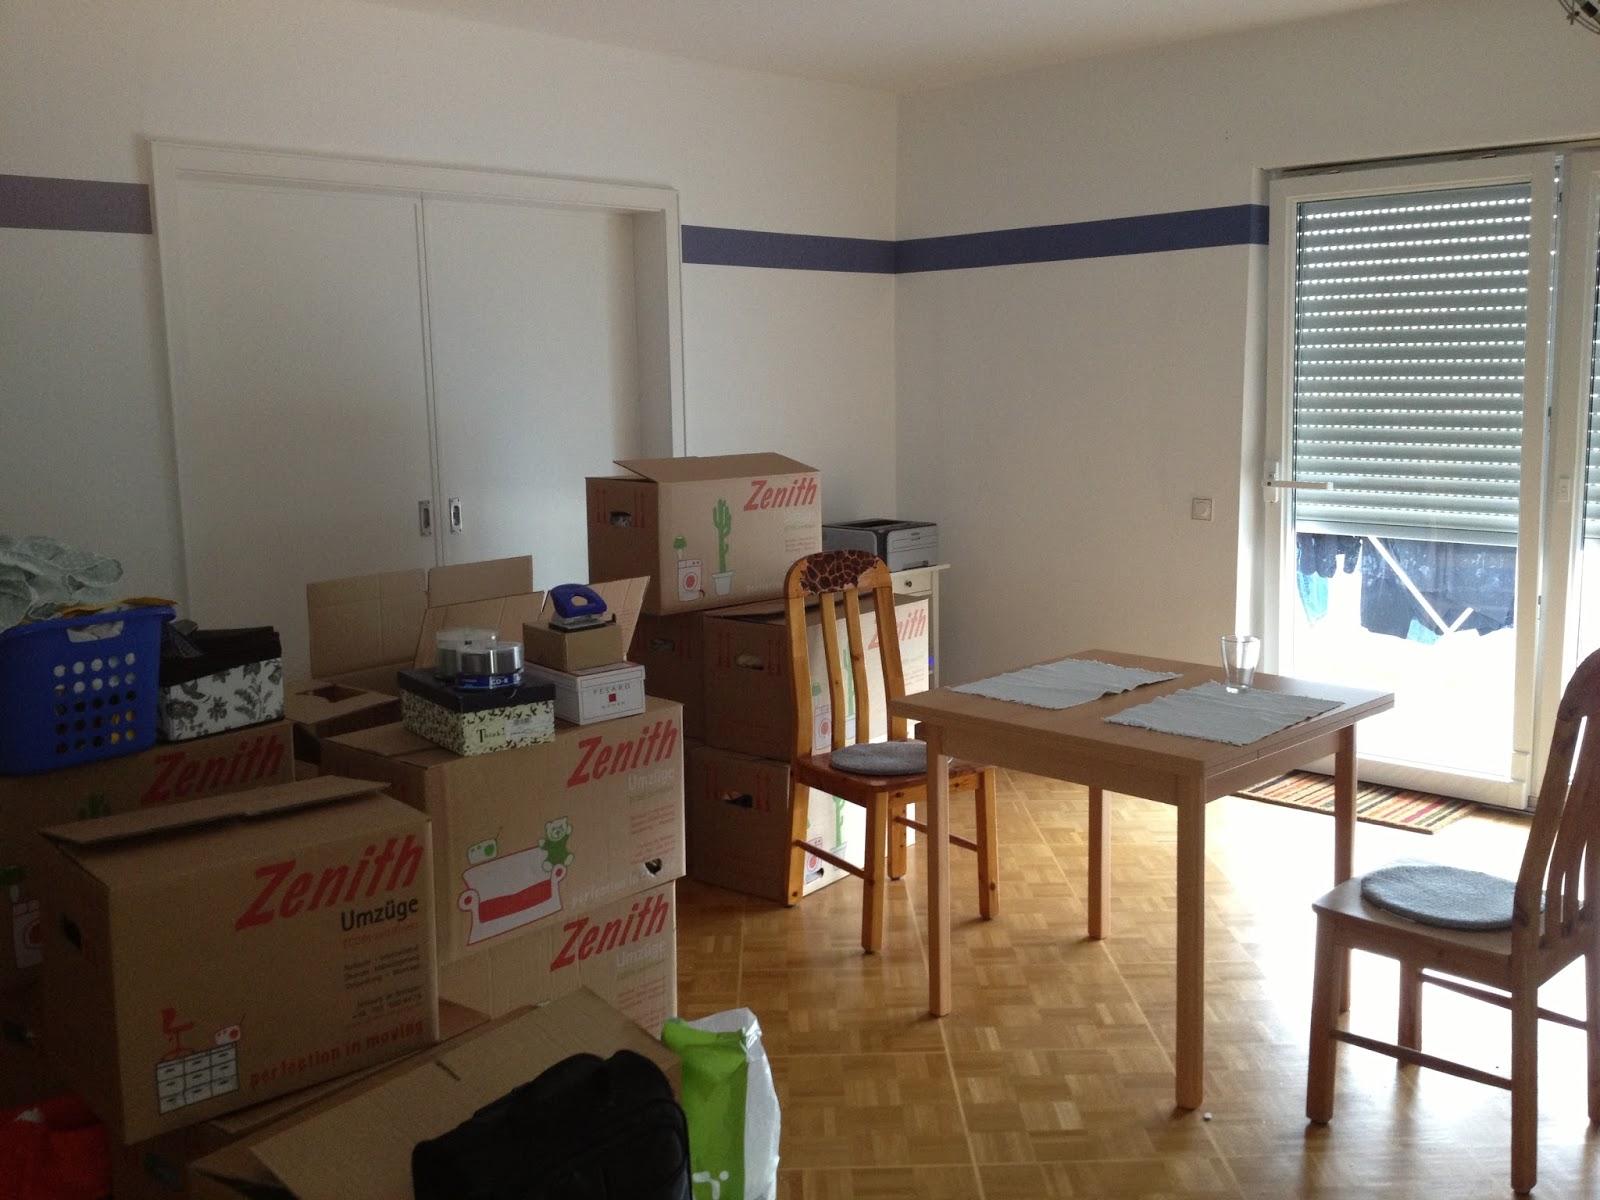 christophs blog fortschritte mit der einrichtung. Black Bedroom Furniture Sets. Home Design Ideas